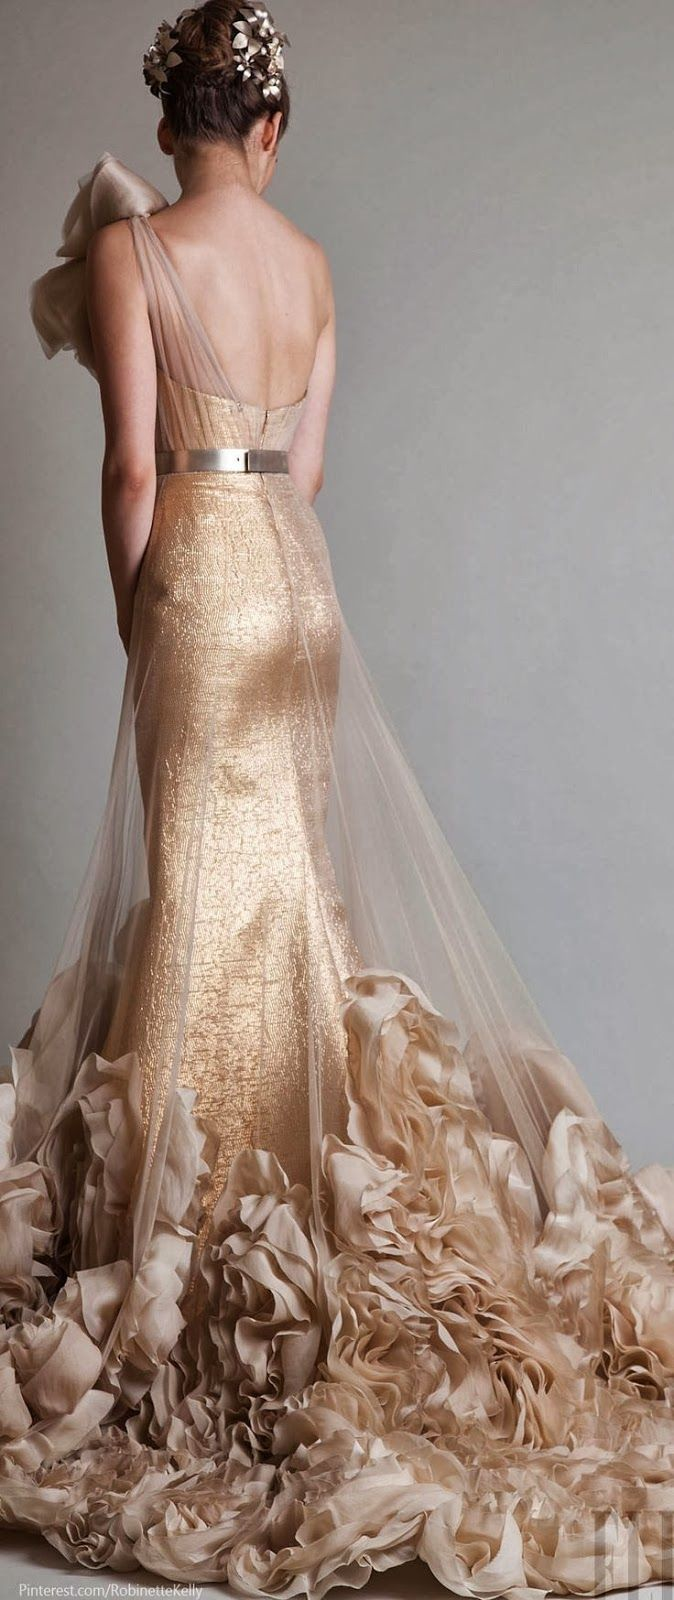 E quem disse que toda noiva precisa casar de branco, naquele vestido tradicional? Quem disse que noiva não pode ousar? Aqui no Lua Cheia, no...